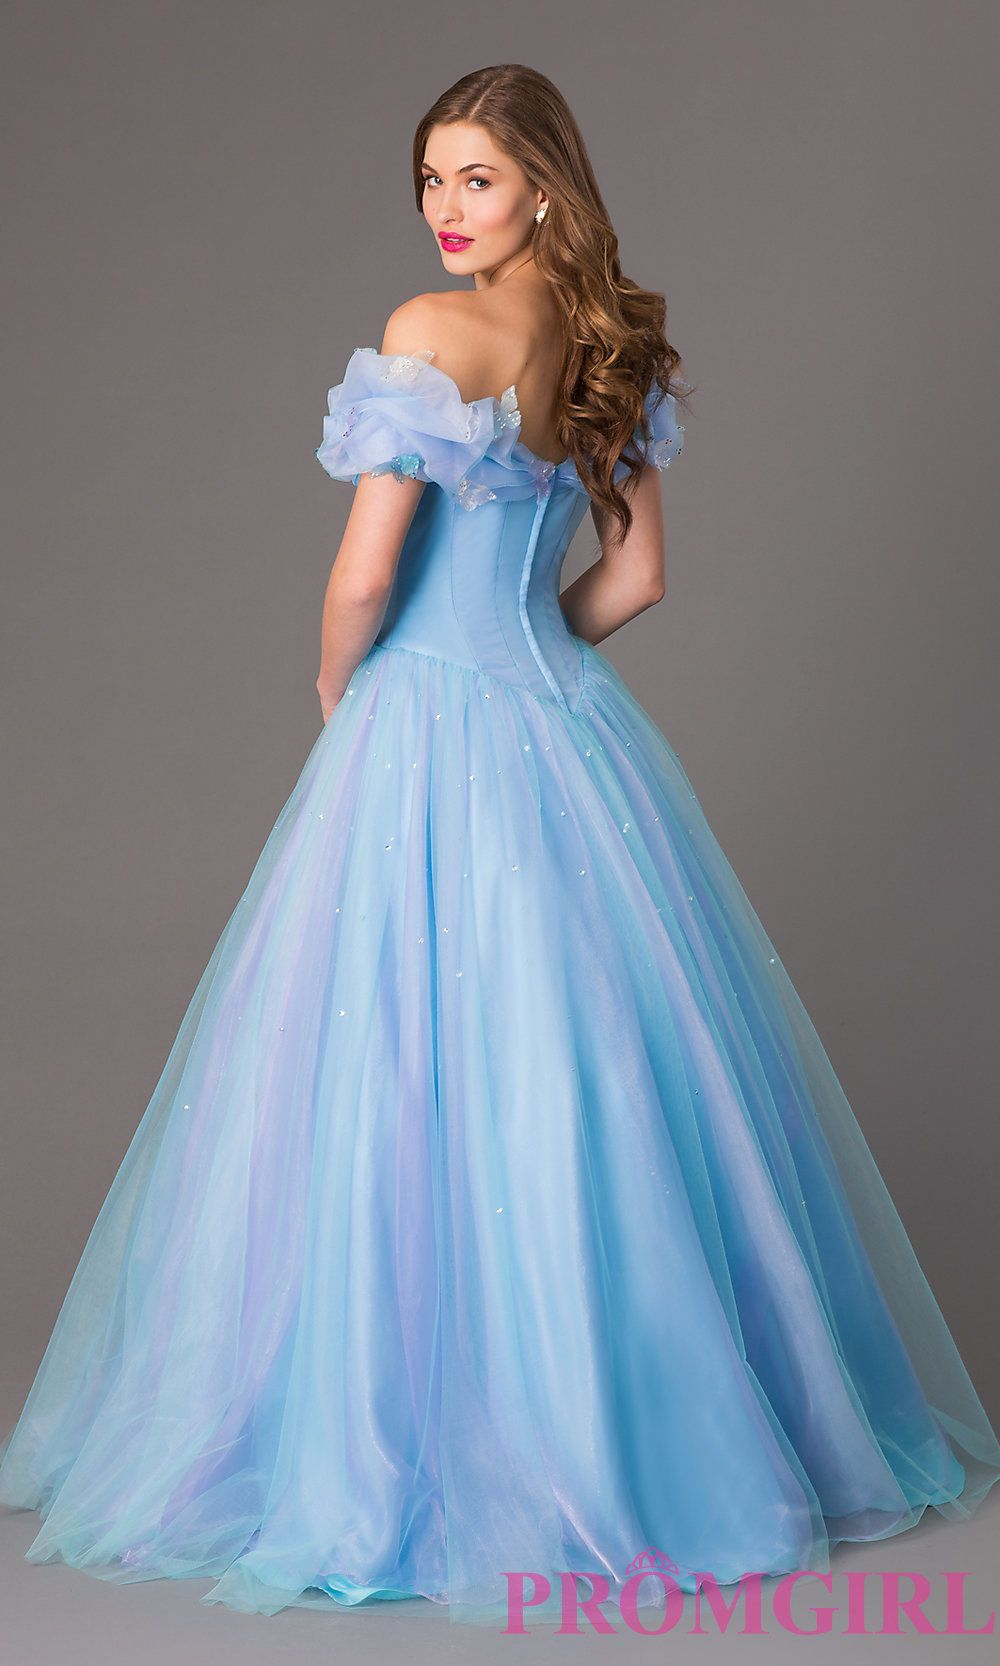 ed3016c82833 Image of Disney Cinderella Forever Enchanted Keepsake Gown Style:  XC-CN-35801 Back